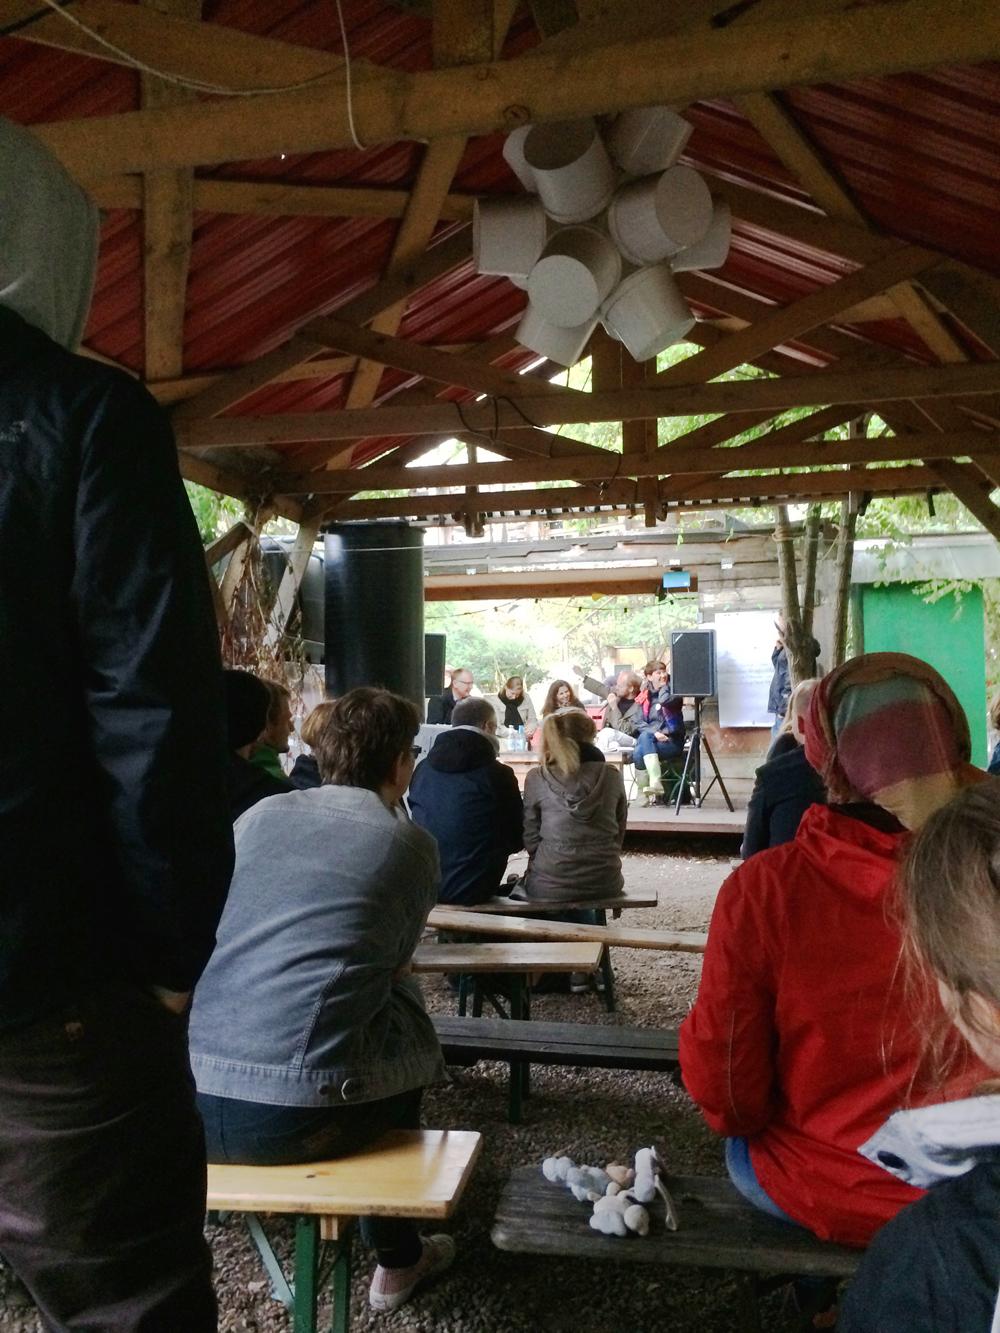 Nabolagsakademiet held debatt om kven som eig bakken Foto:Anna Rosa Strassegger